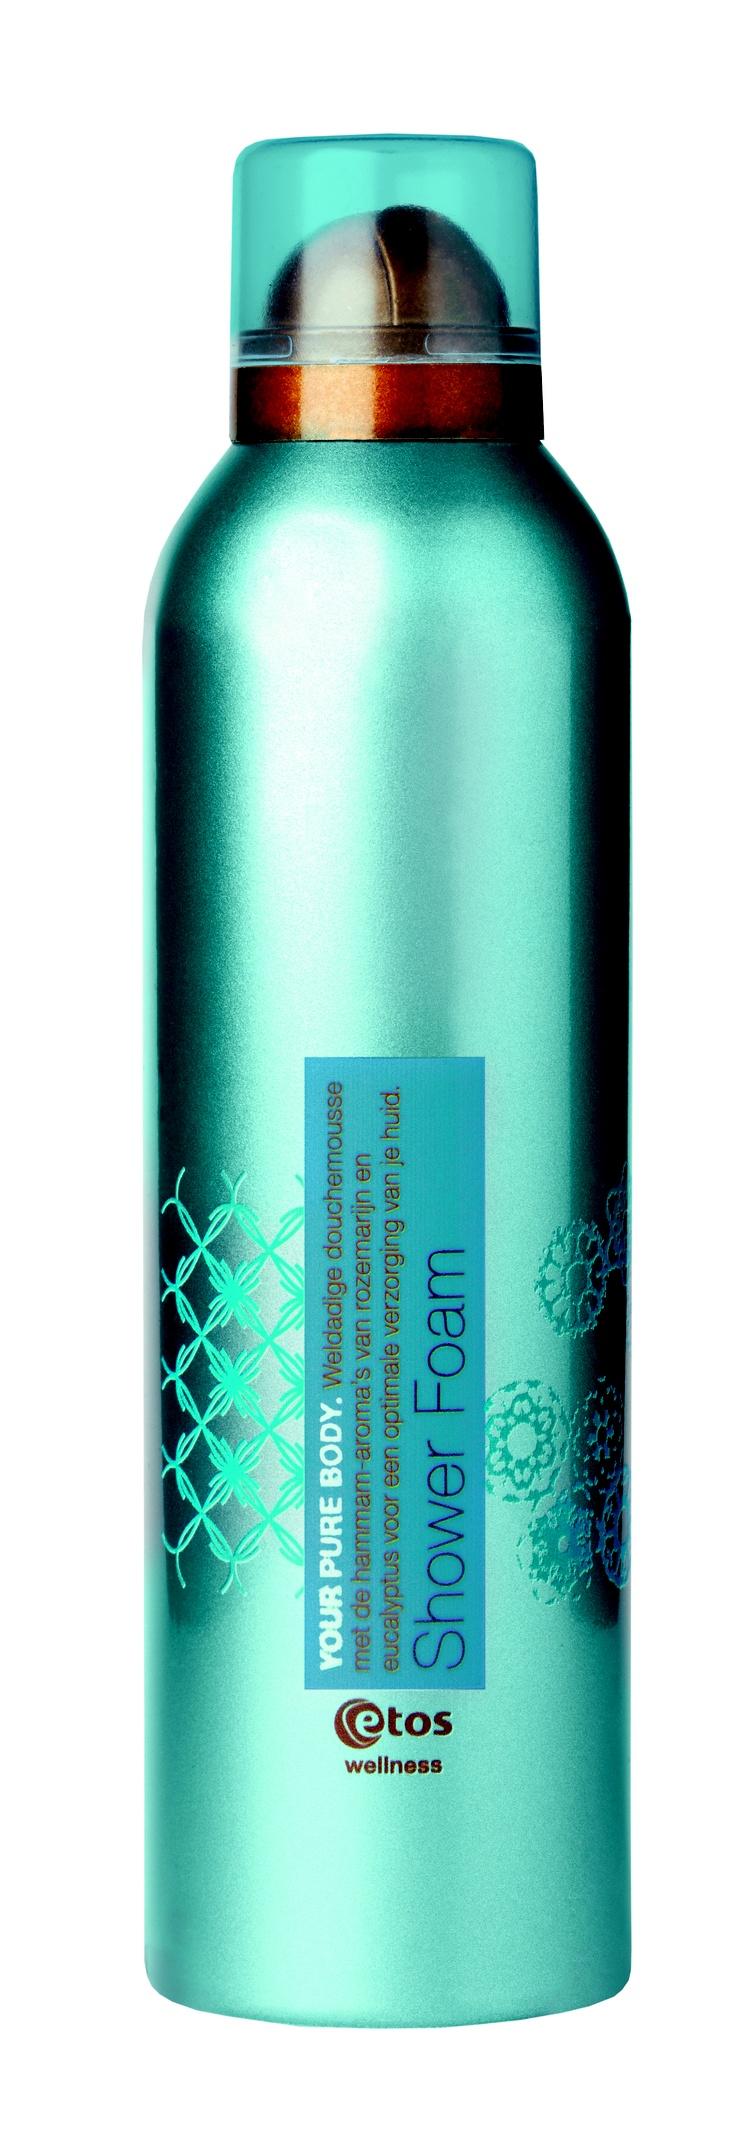 Weldadige douchemousse met de hammam-aroma's van rozemarijn en eucalyptus voor een optimale verzorging van je huid. Etos Wellness Your Pure Body Shower Foam, 200 ml - € 4.99